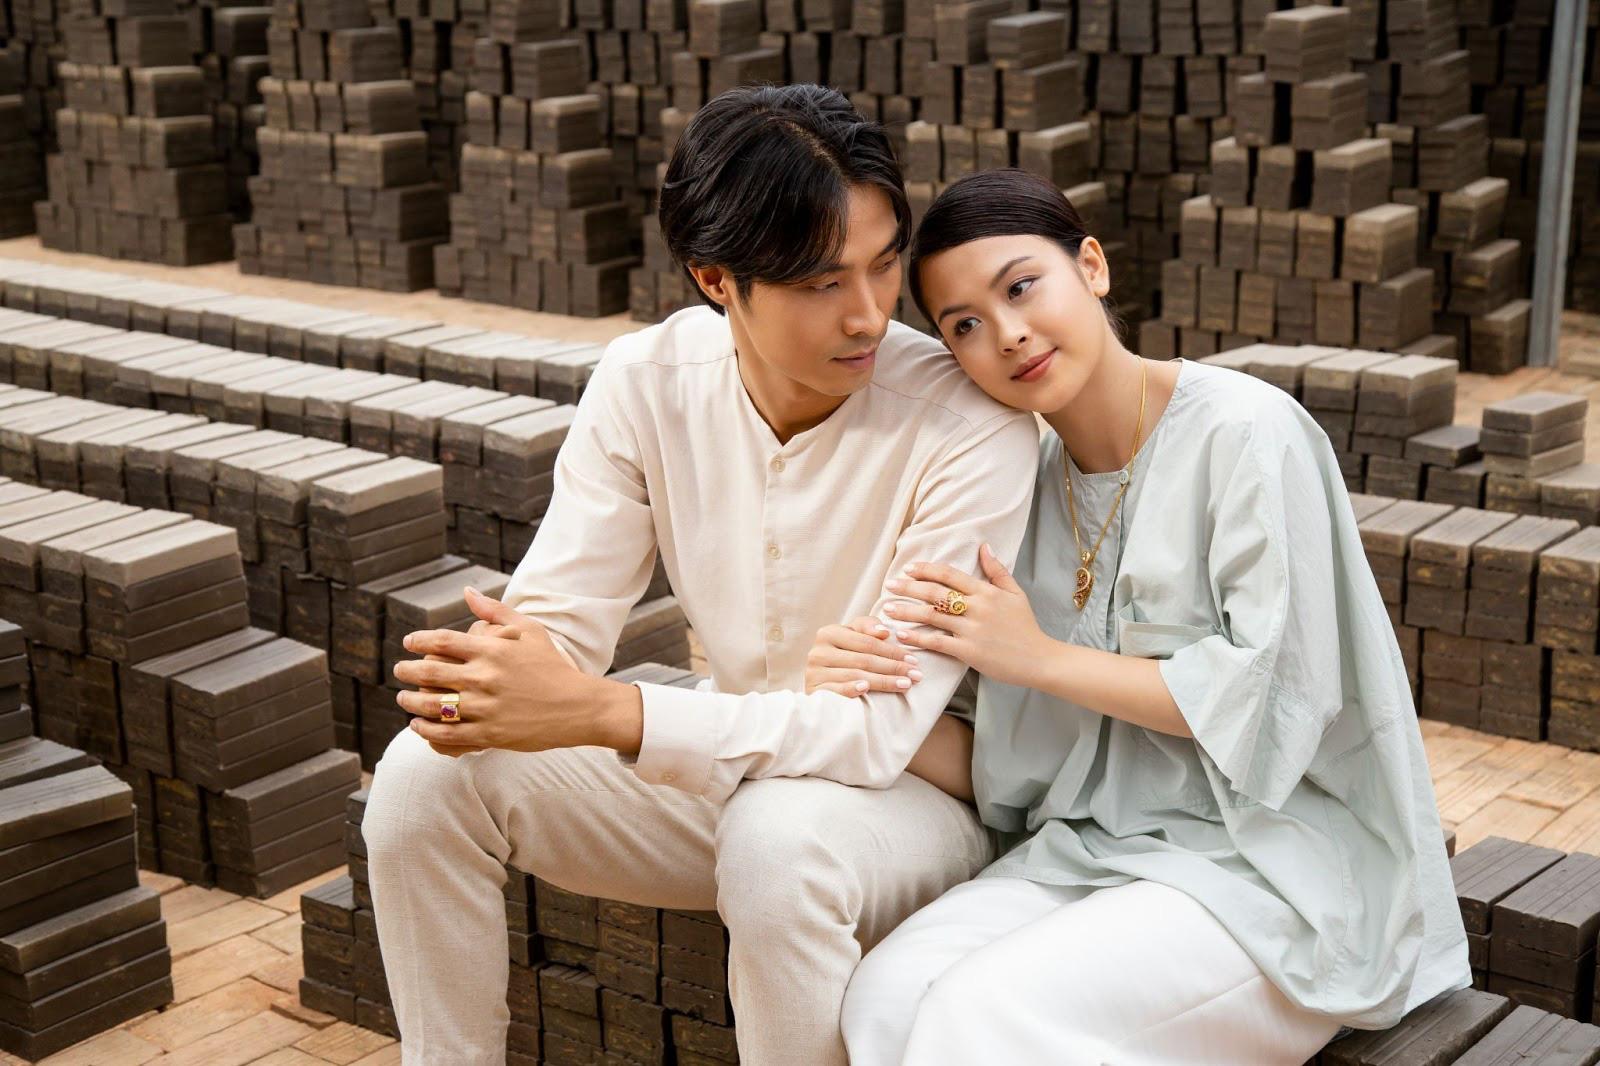 Ngọc Thẩm Jewelry trình làng phim thời trang đậm dấu ấn miền Tây Nam Bộ - Ảnh 2.